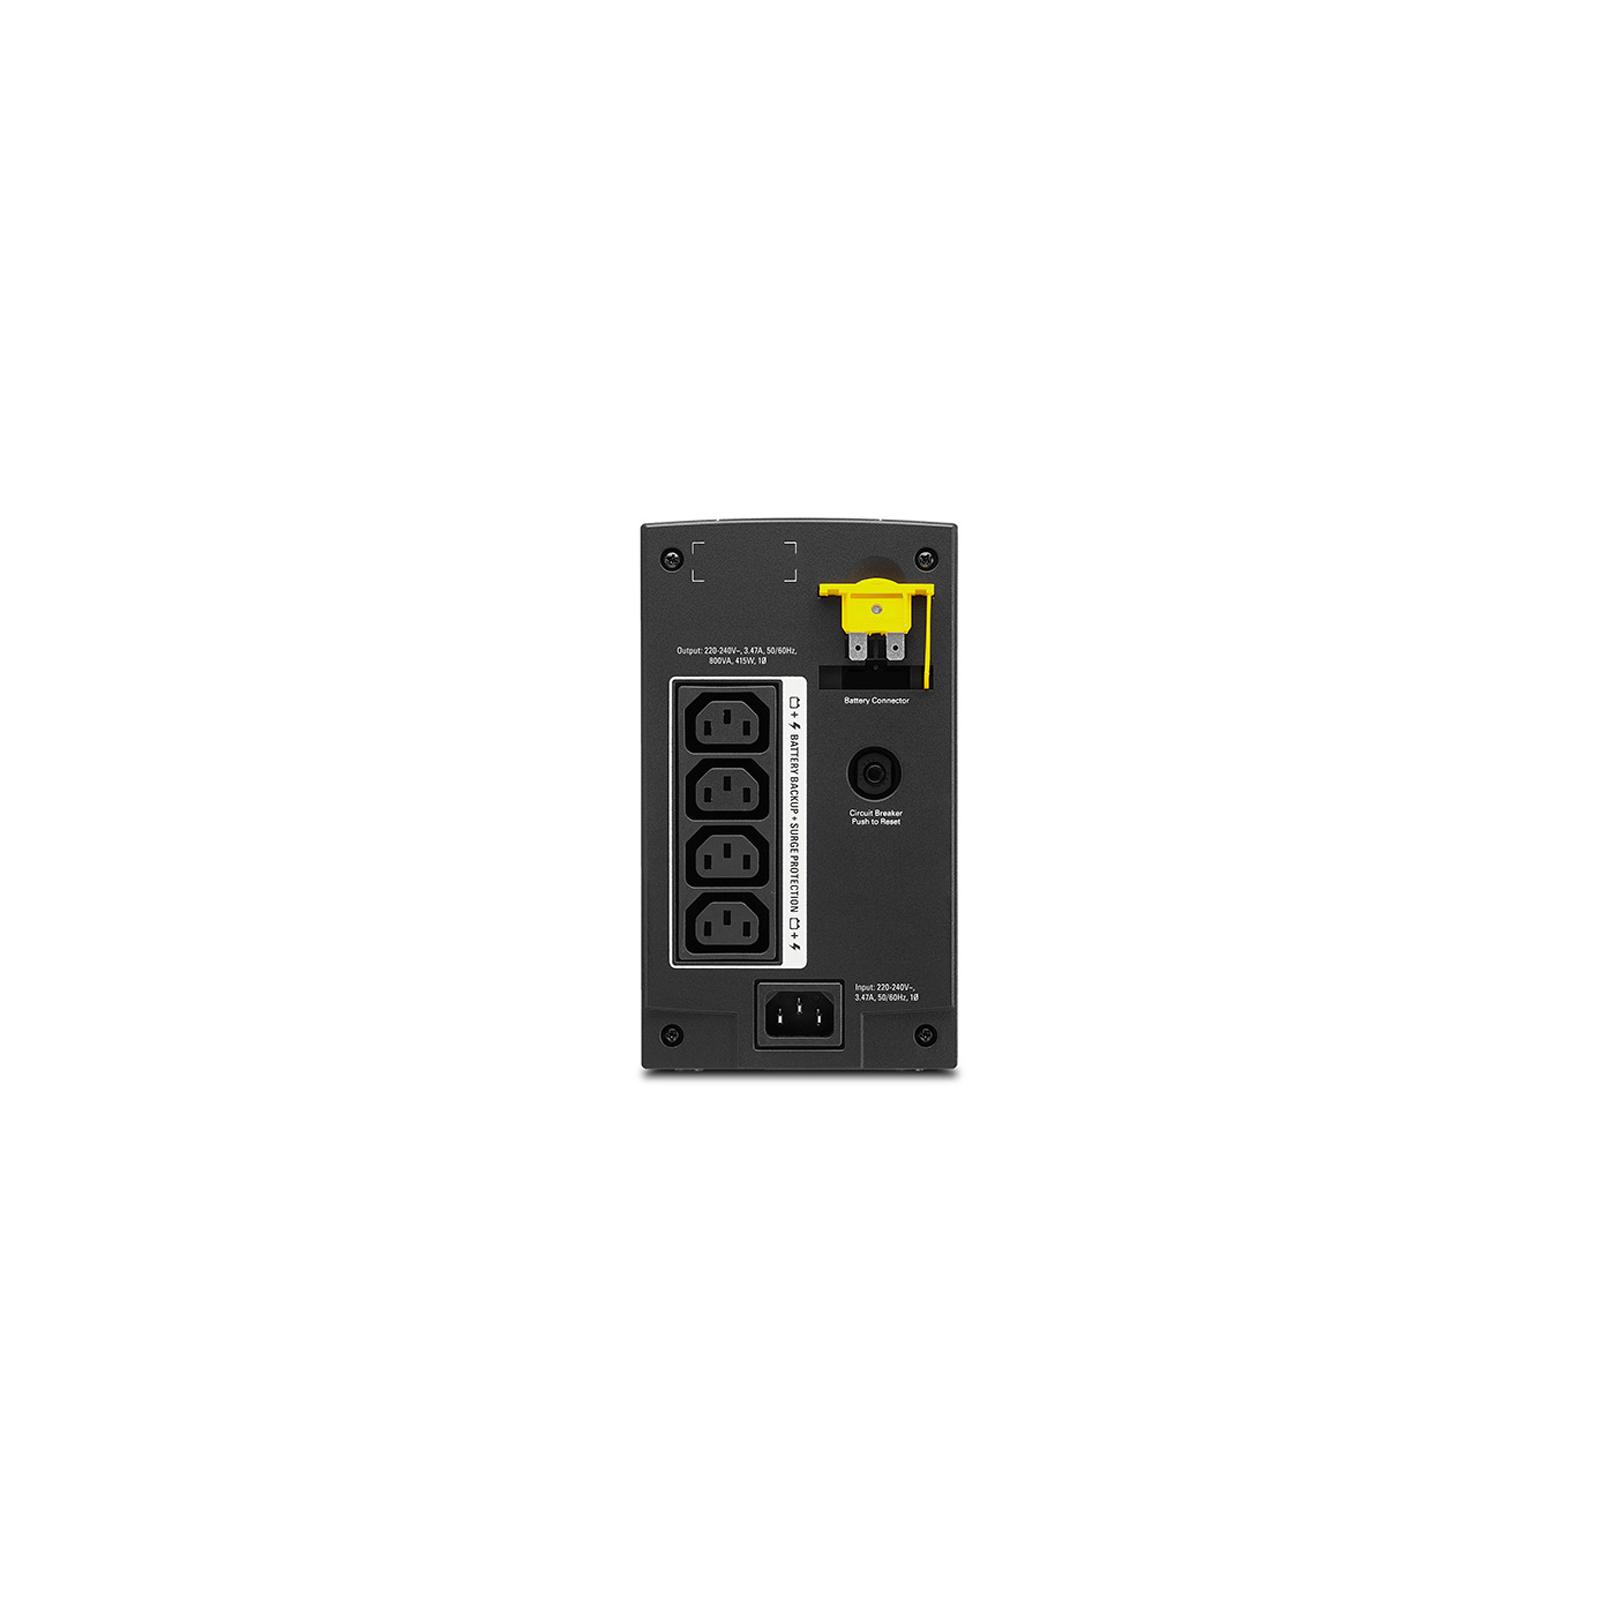 Источник бесперебойного питания APC Back-UPS 800VA, IEC (BX800LI) изображение 2